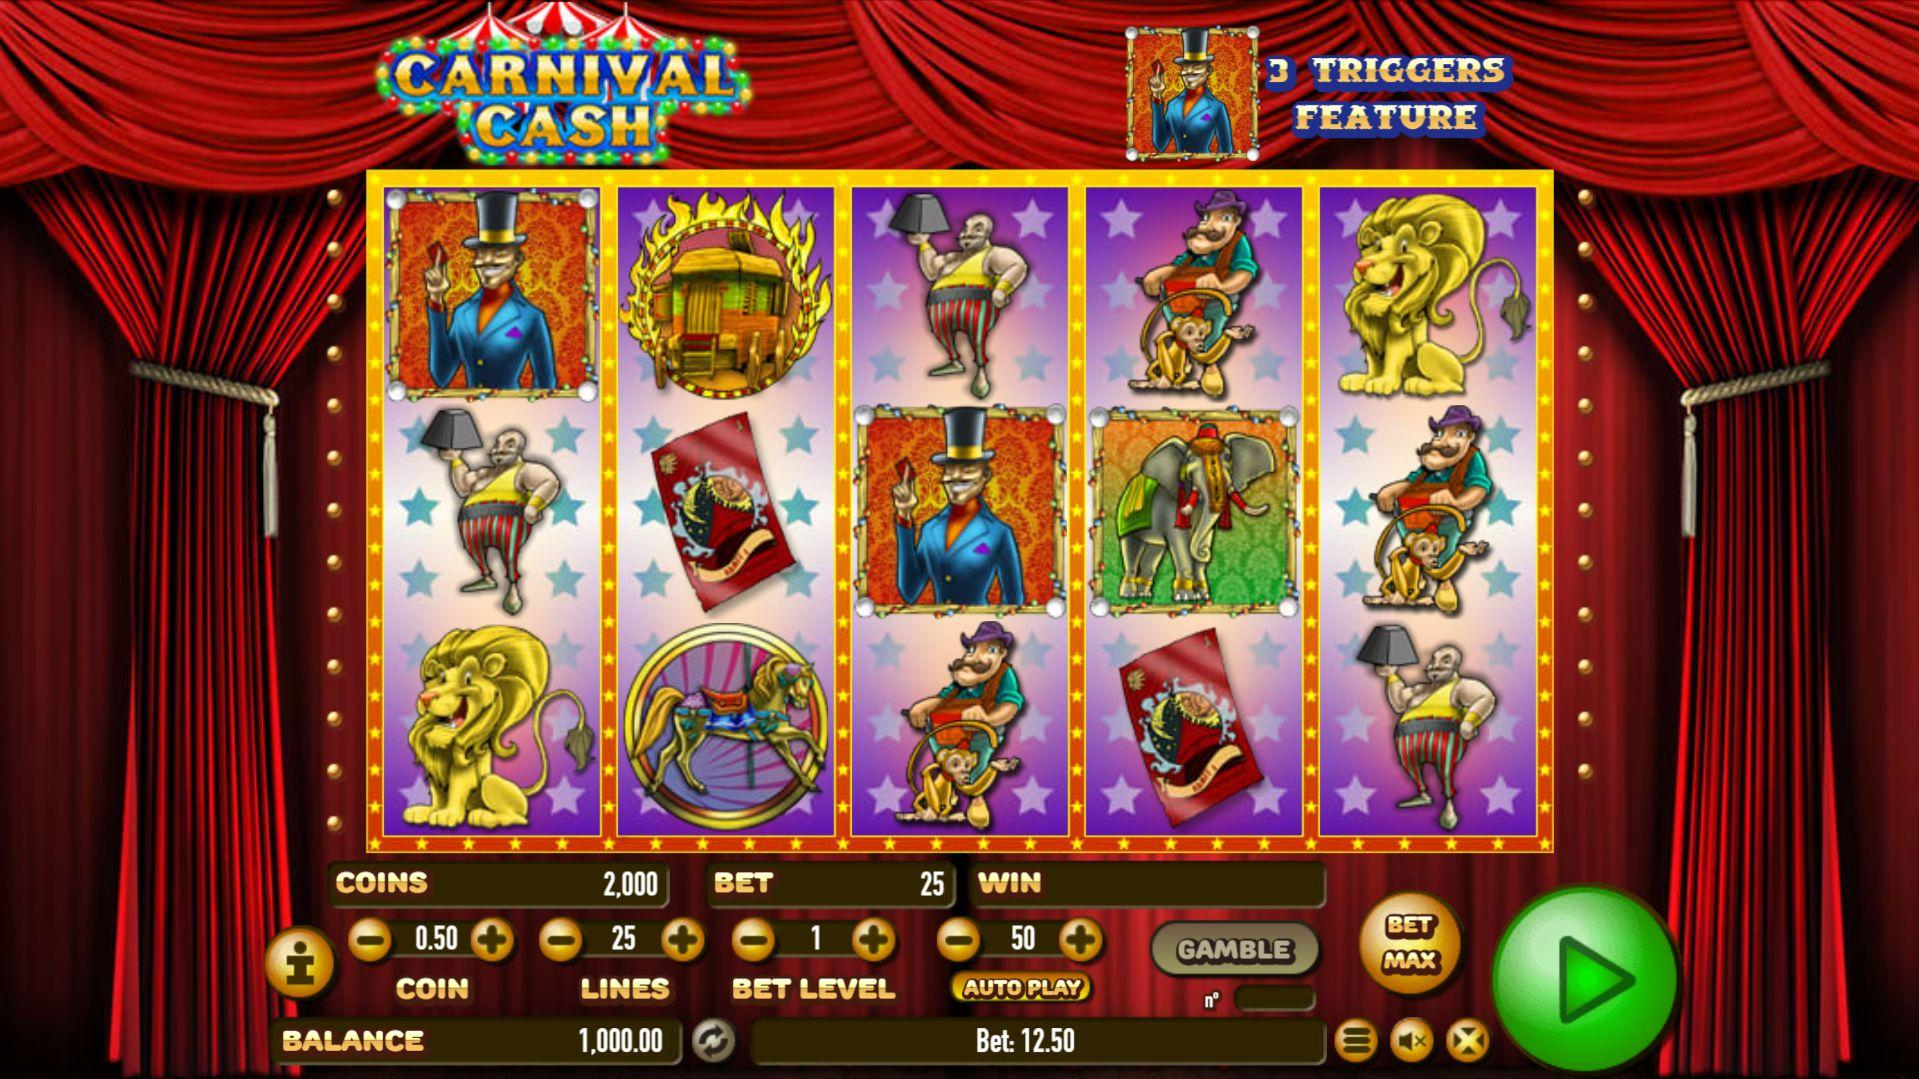 Играть в реальном казино на деньги